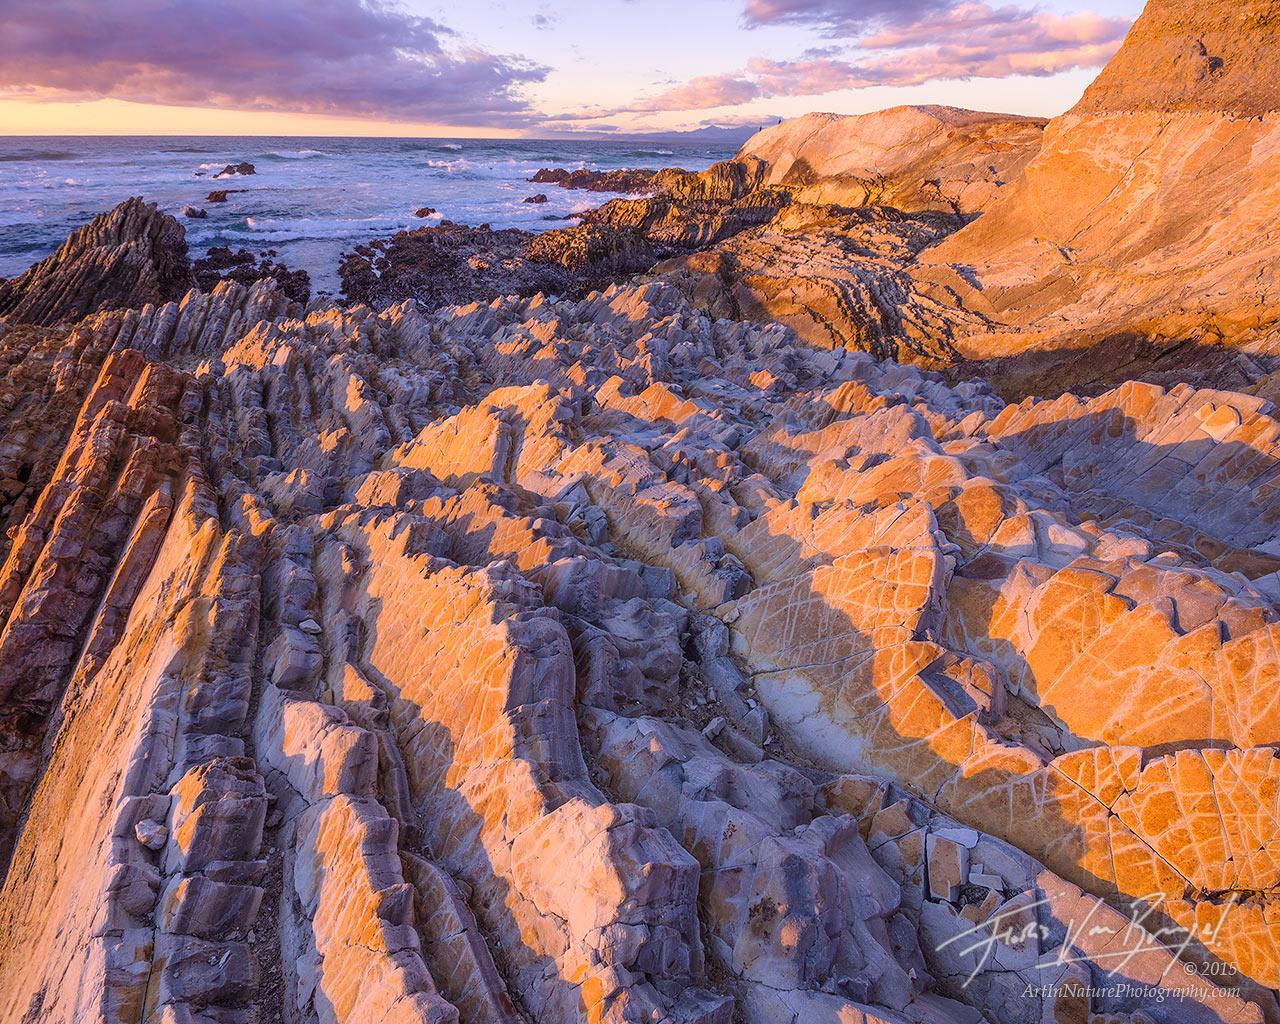 Montaña de Oro State Park, Coast, California, photo